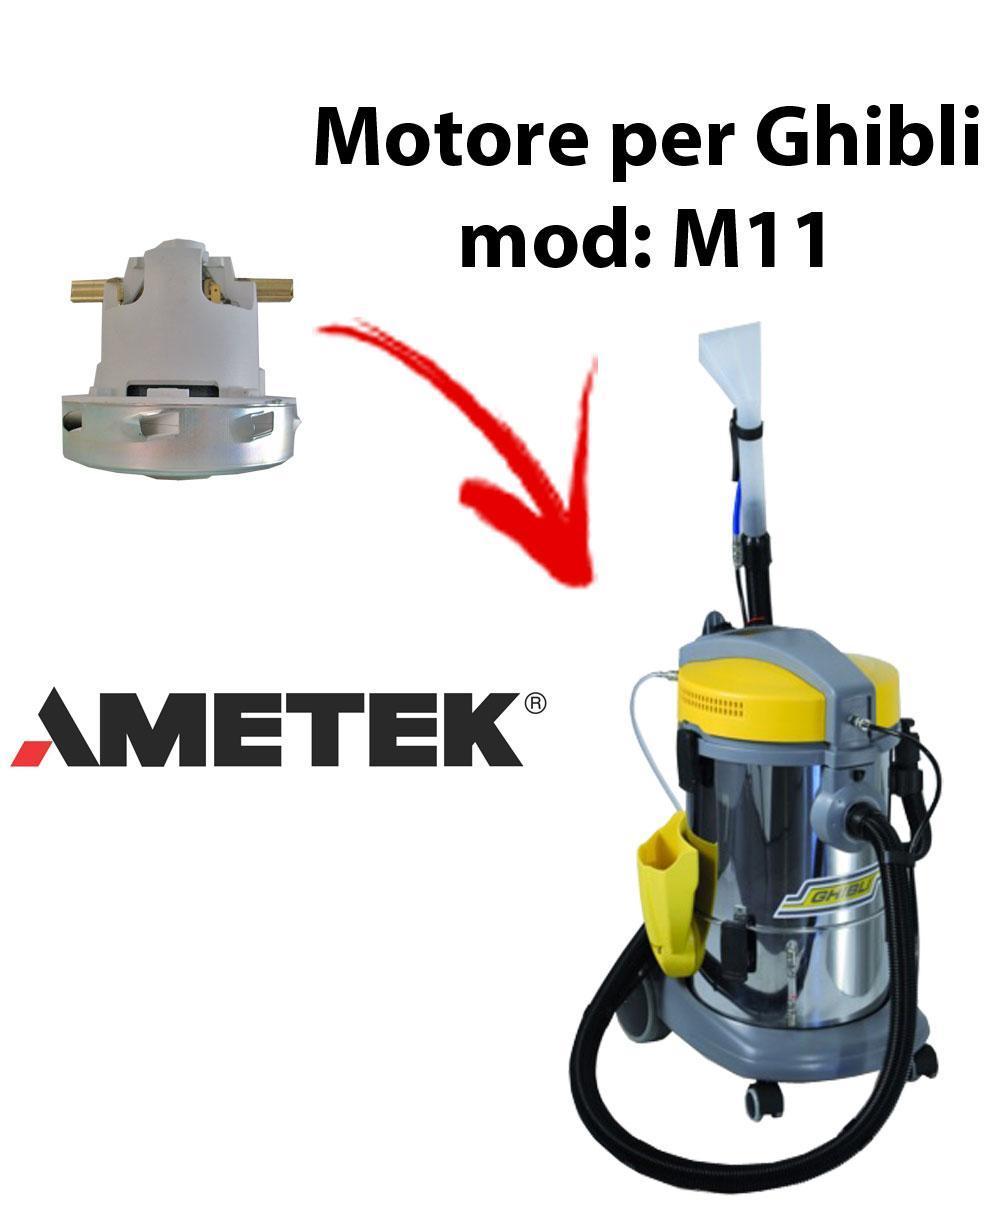 M11  Motore de aspiración AMETEK para aspiradora GHIBLI